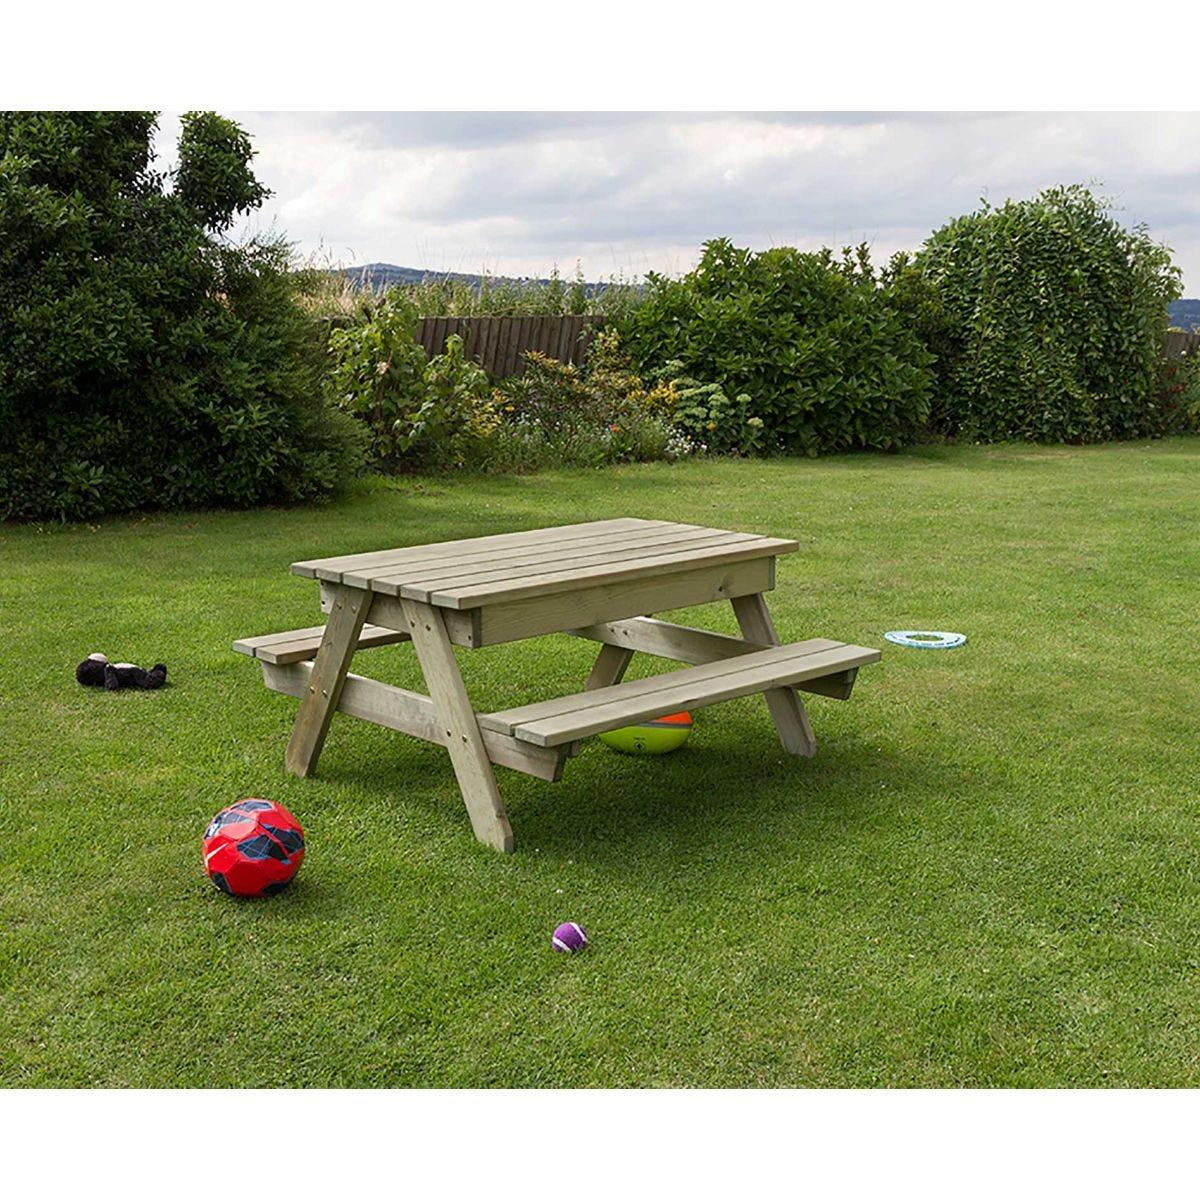 Alice Picnic Garden Play Table